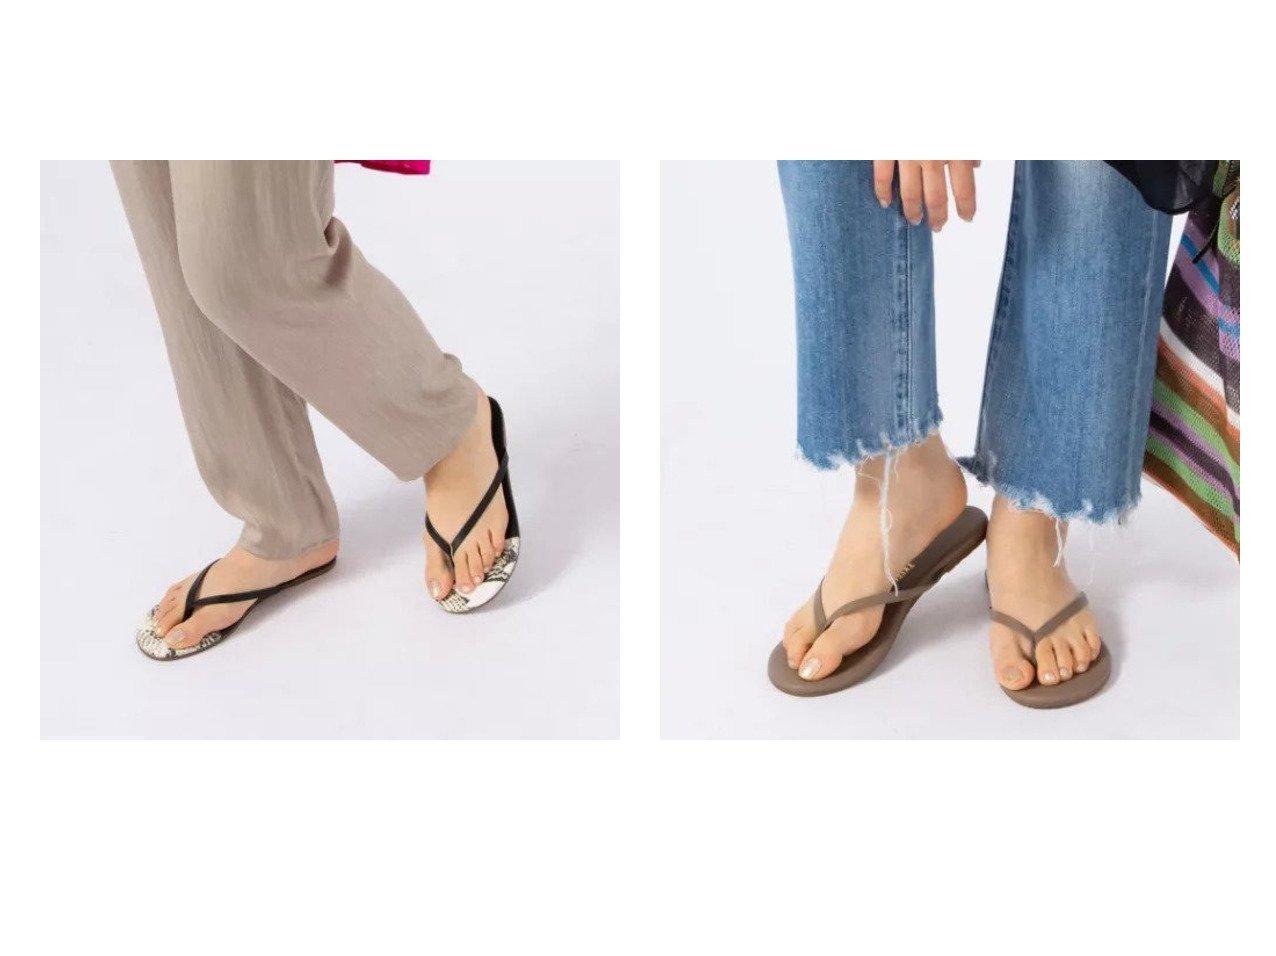 【NOLLEY'S/ノーリーズ】の【 ティーキーズ】FRENCH TIPS&【 ティーキーズ】LINERS 【シューズ・靴】おすすめ!人気、トレンド・レディースファッションの通販 おすすめで人気の流行・トレンド、ファッションの通販商品 インテリア・家具・メンズファッション・キッズファッション・レディースファッション・服の通販 founy(ファニー) https://founy.com/ ファッション Fashion レディースファッション WOMEN エレガント サンダル シューズ シンプル ビーチ リゾート  ID:crp329100000048154